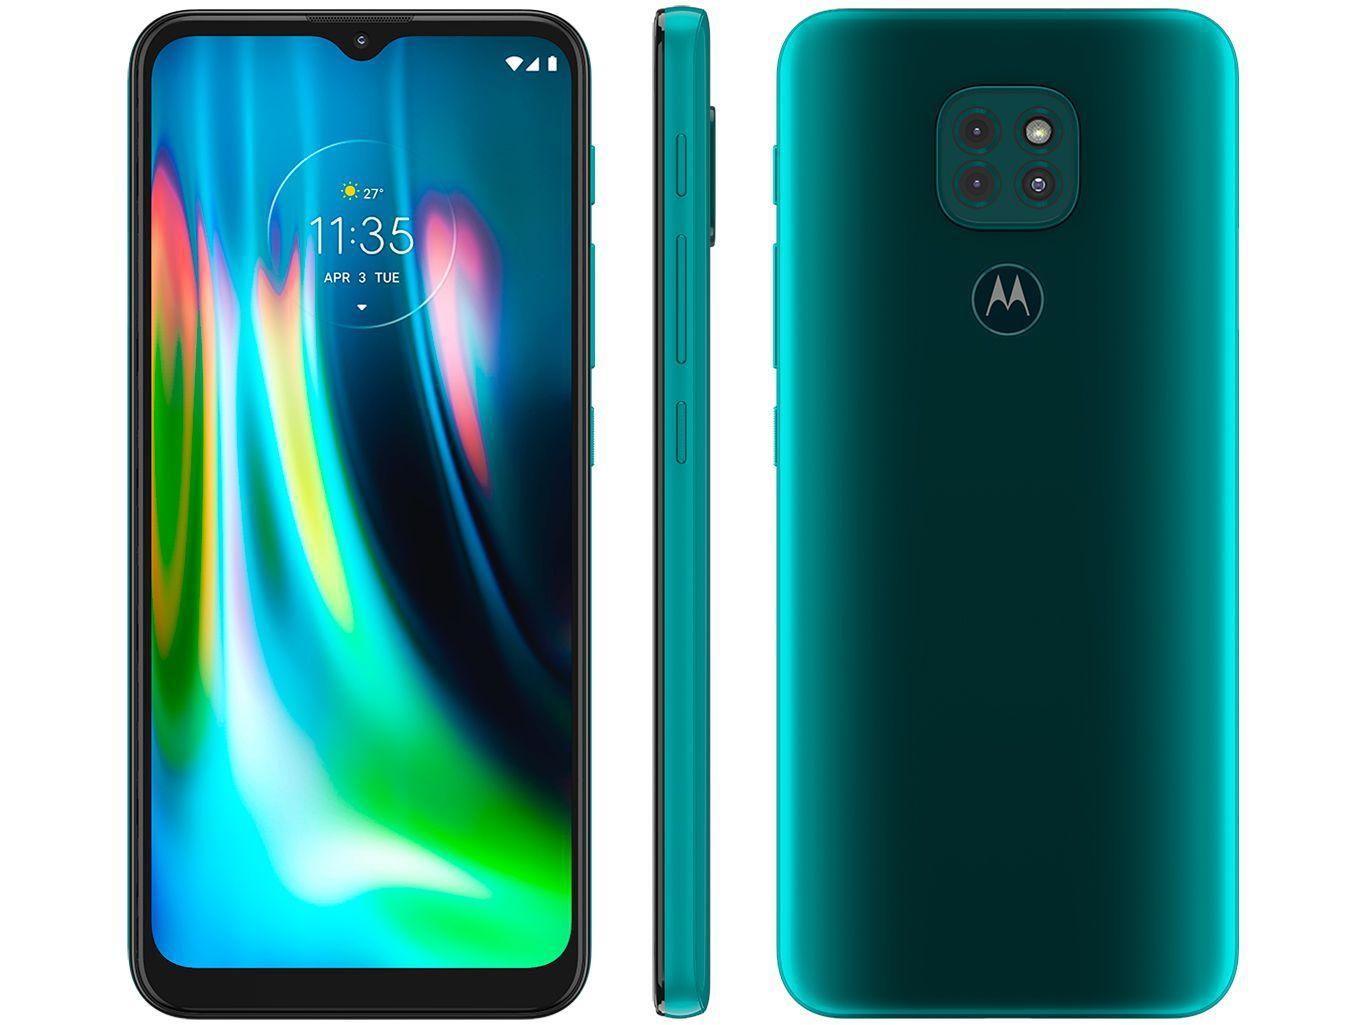 """Smartphone Motorola Moto G9 Play 64GB, 4GB RAM, Tela de 6.5"""", Câmera Traseira Tripla, Android 10 e Processador Octa-Core Verde"""